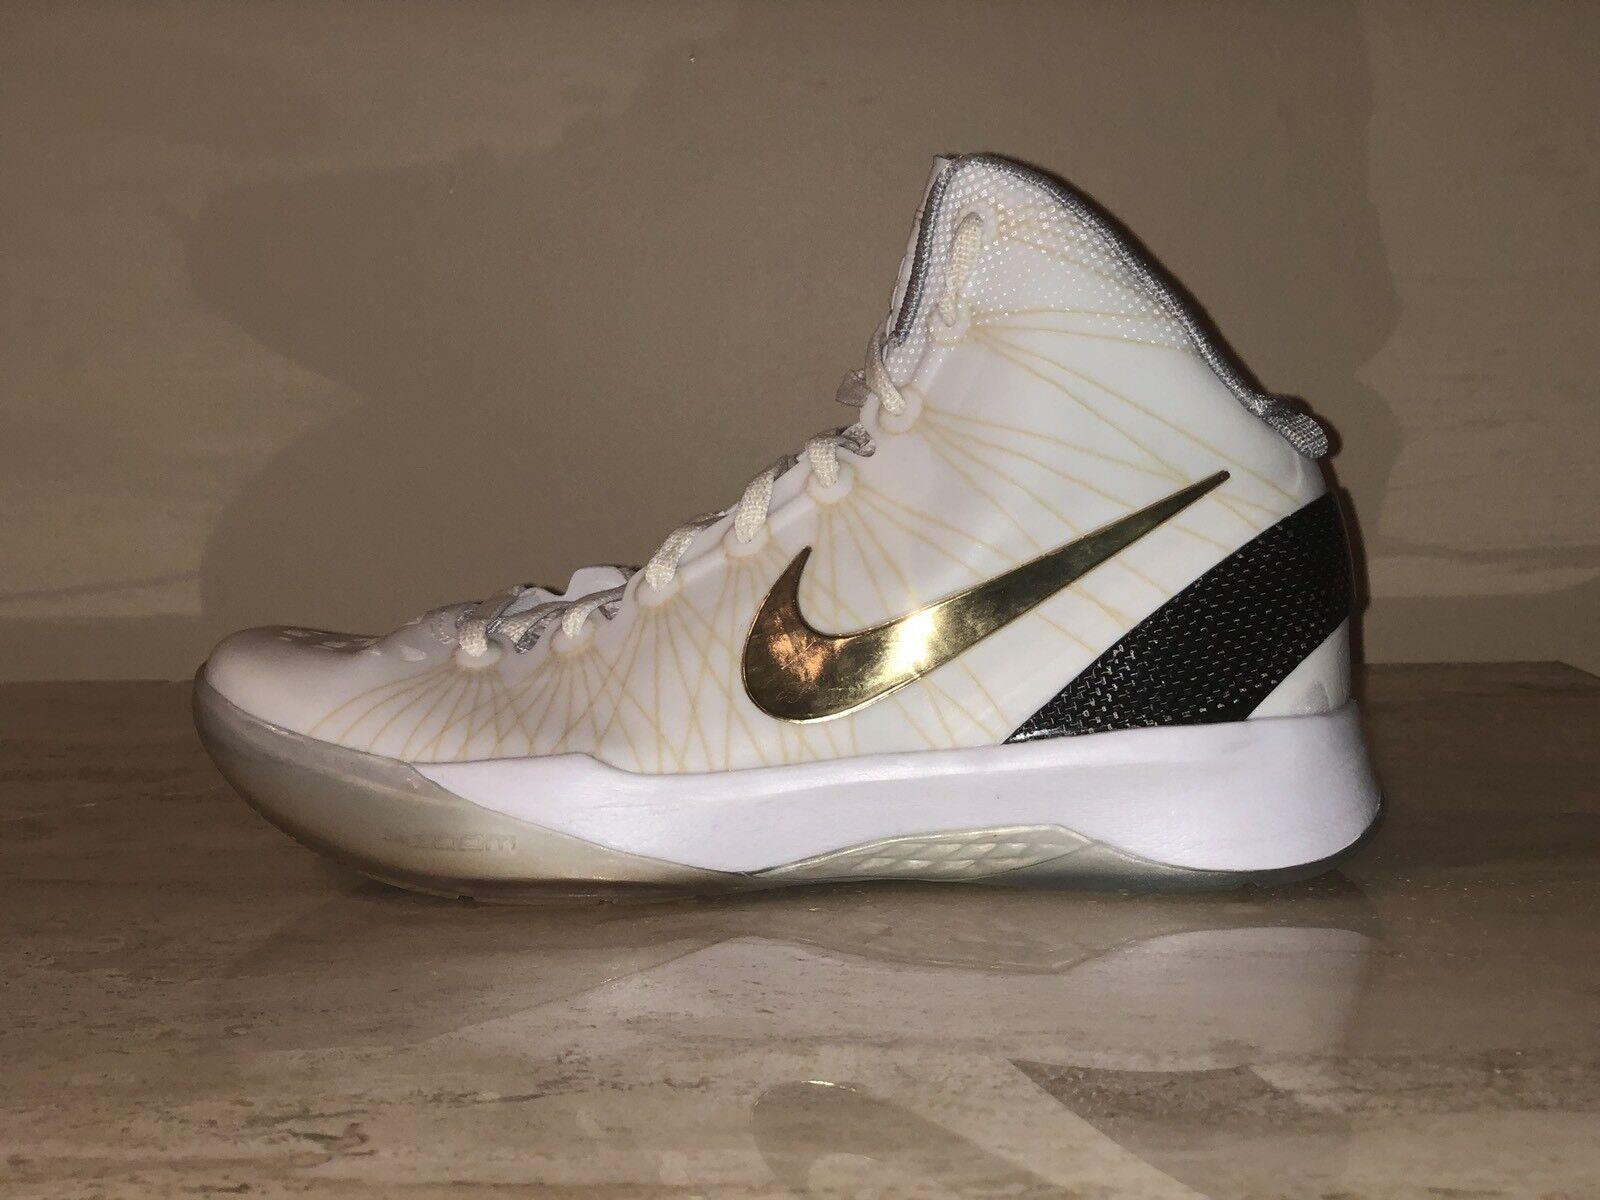 Nike Zoom Hyperdunk Elite White Gold (YEAR 2011) 511369-100 Men's US 8 RARE